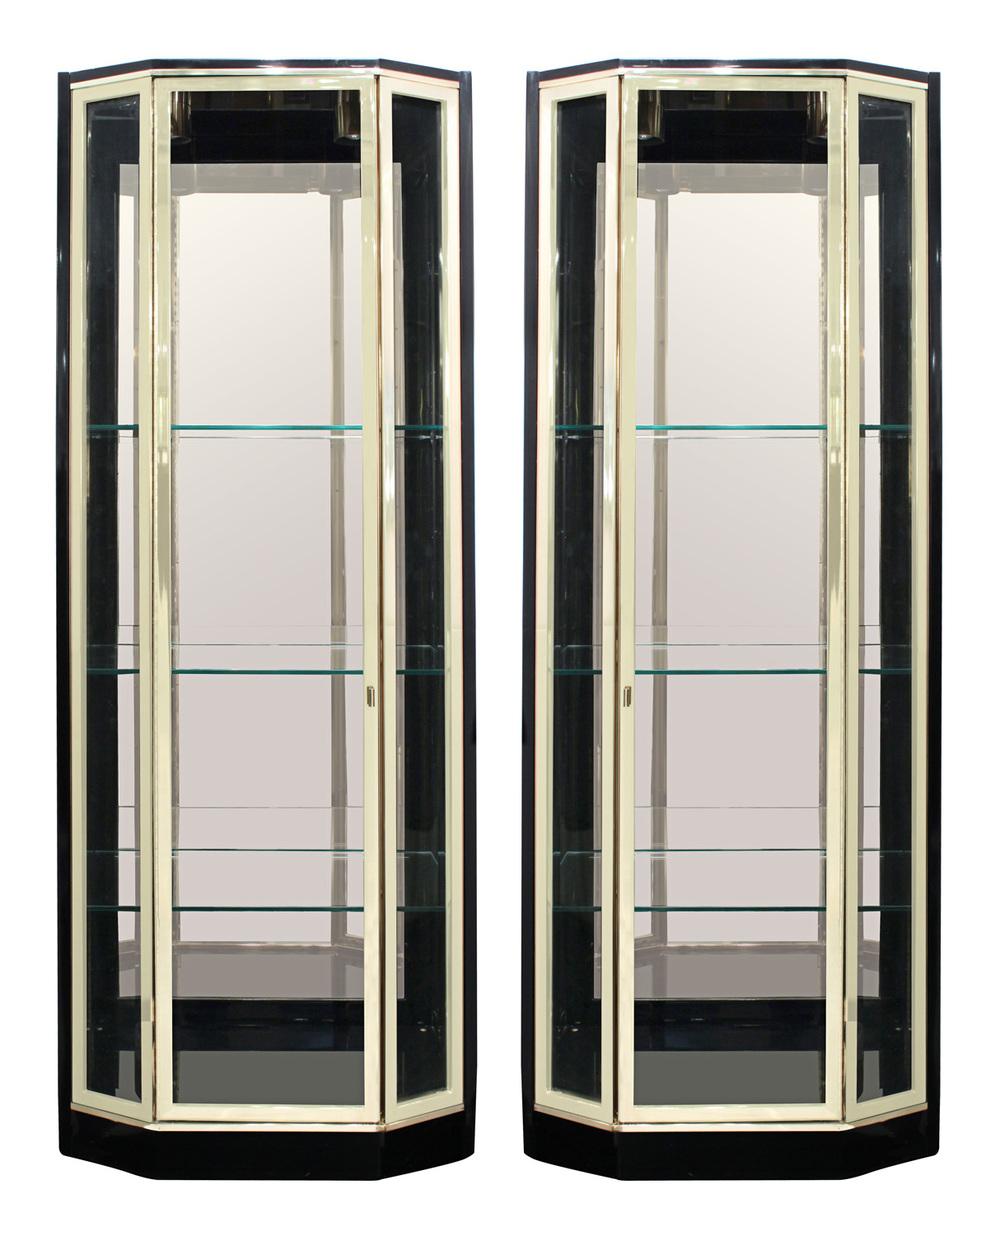 Henredon 120 pr blk lqr+brass etagere11 hires.jpg